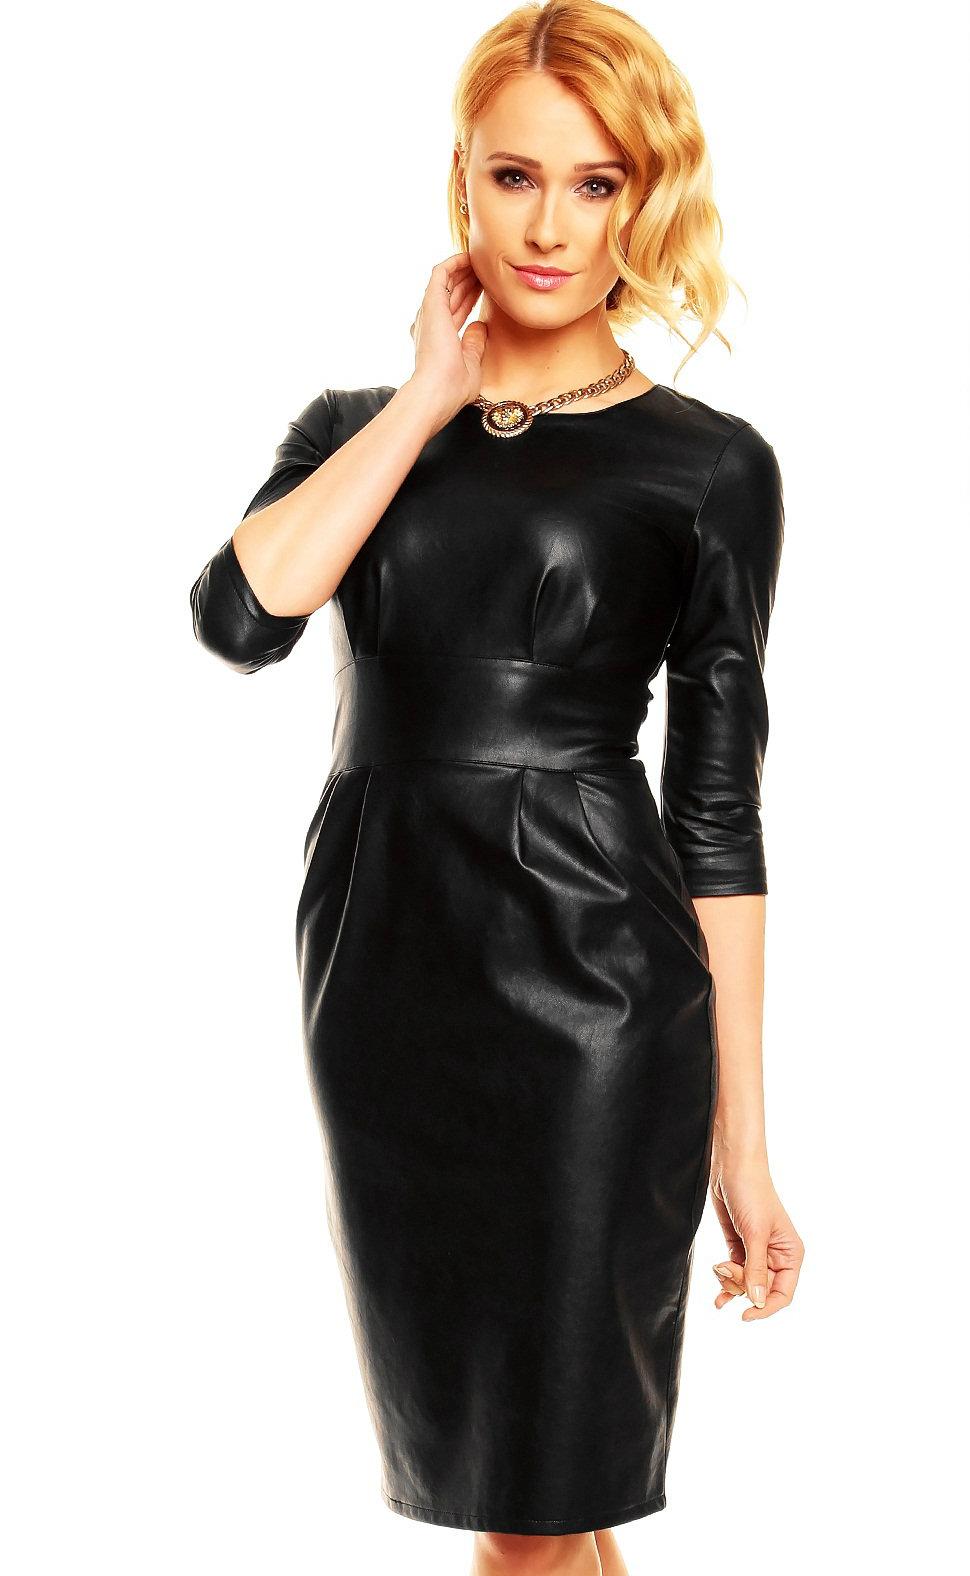 Rochii piele! Modele de rochii piele moderne si elegante online!